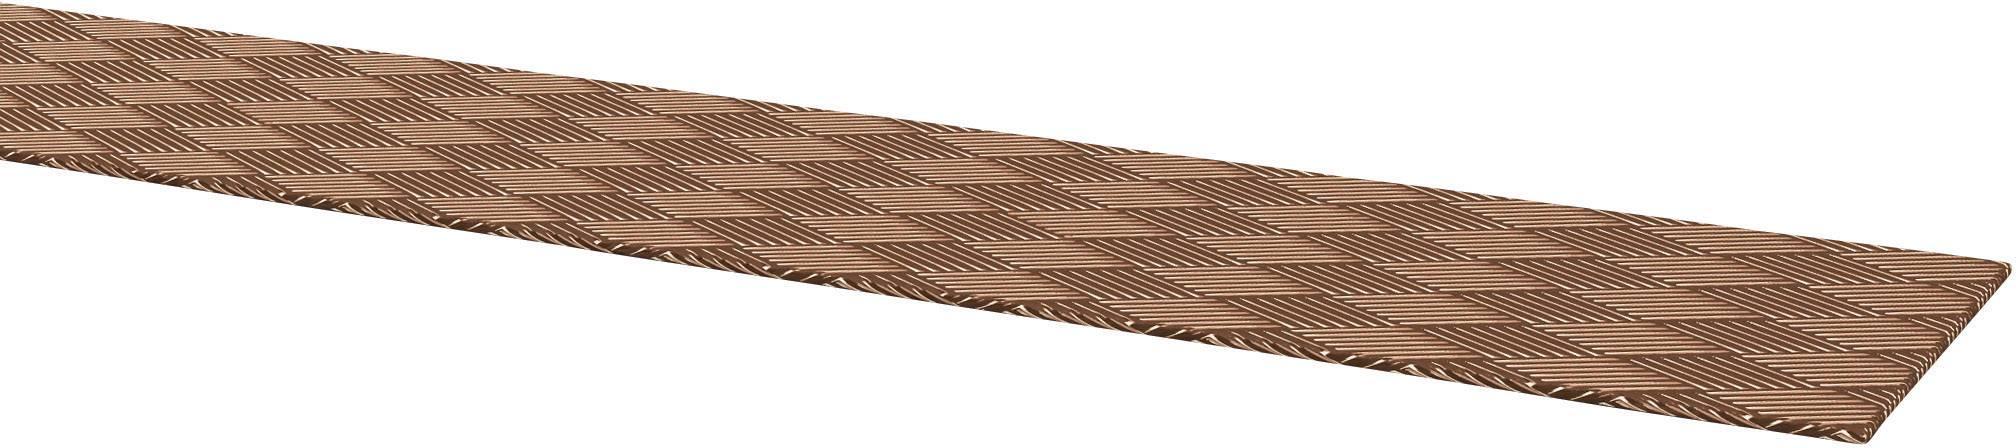 Copper earthing strap, bare 301040000 Kabeltronik Množství: metrové zboží